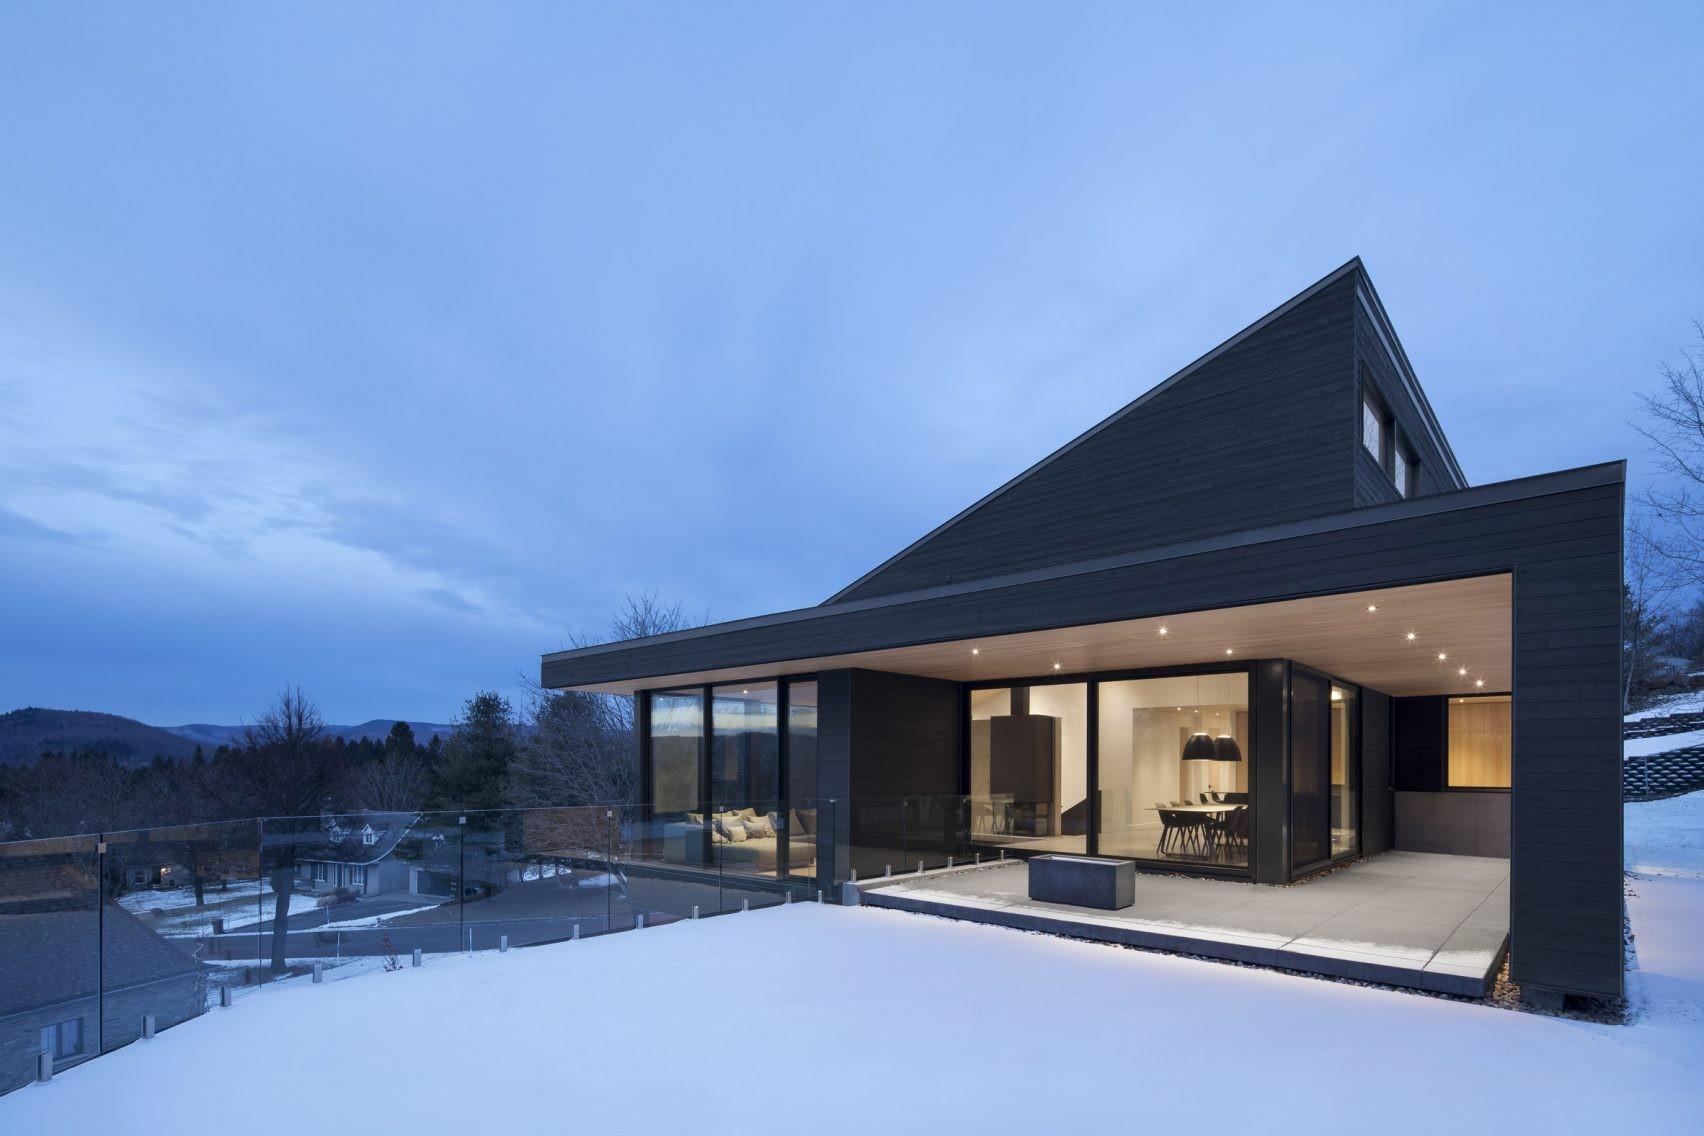 Casă cu volume din sticlă așezată pe panta unui deal înzăpezit din Quebec